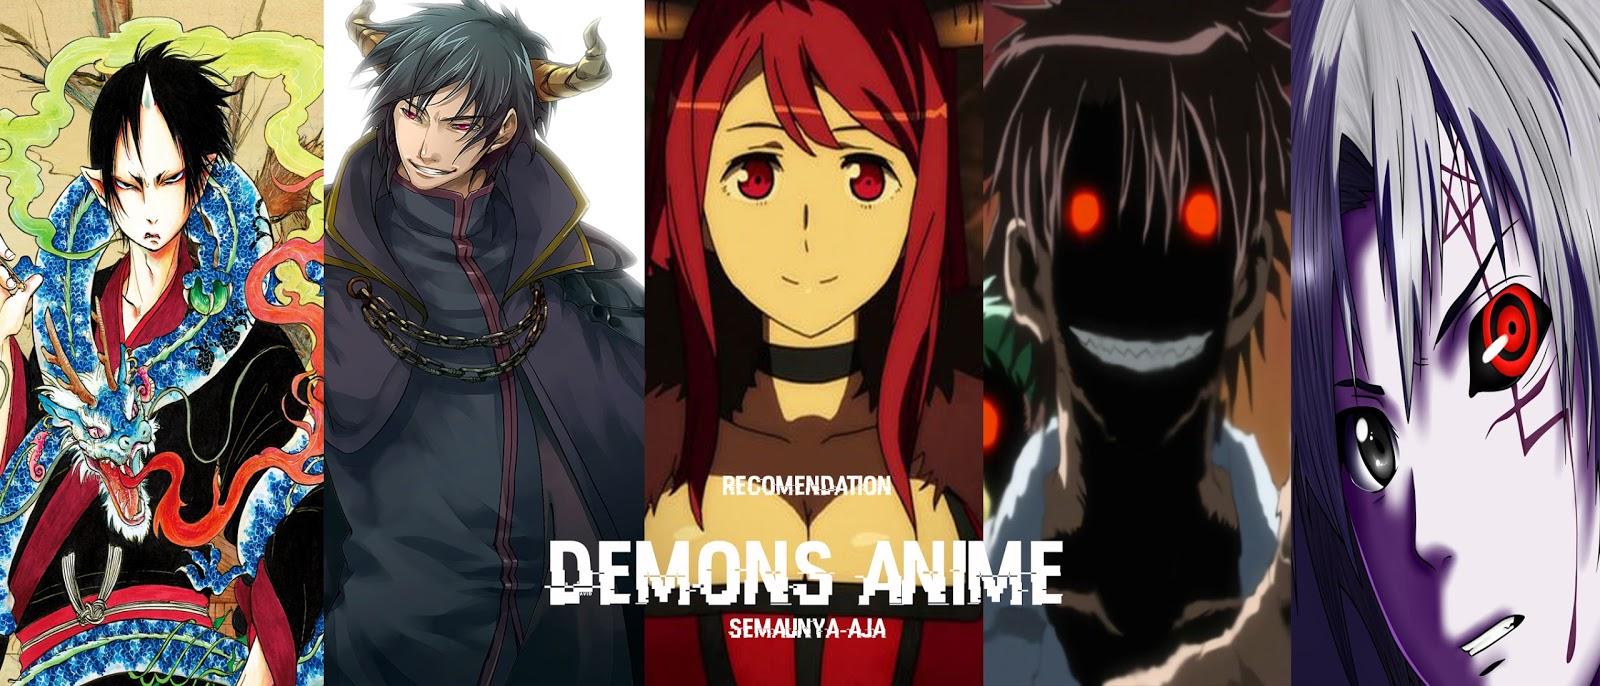 18 rekomedasi demons anime